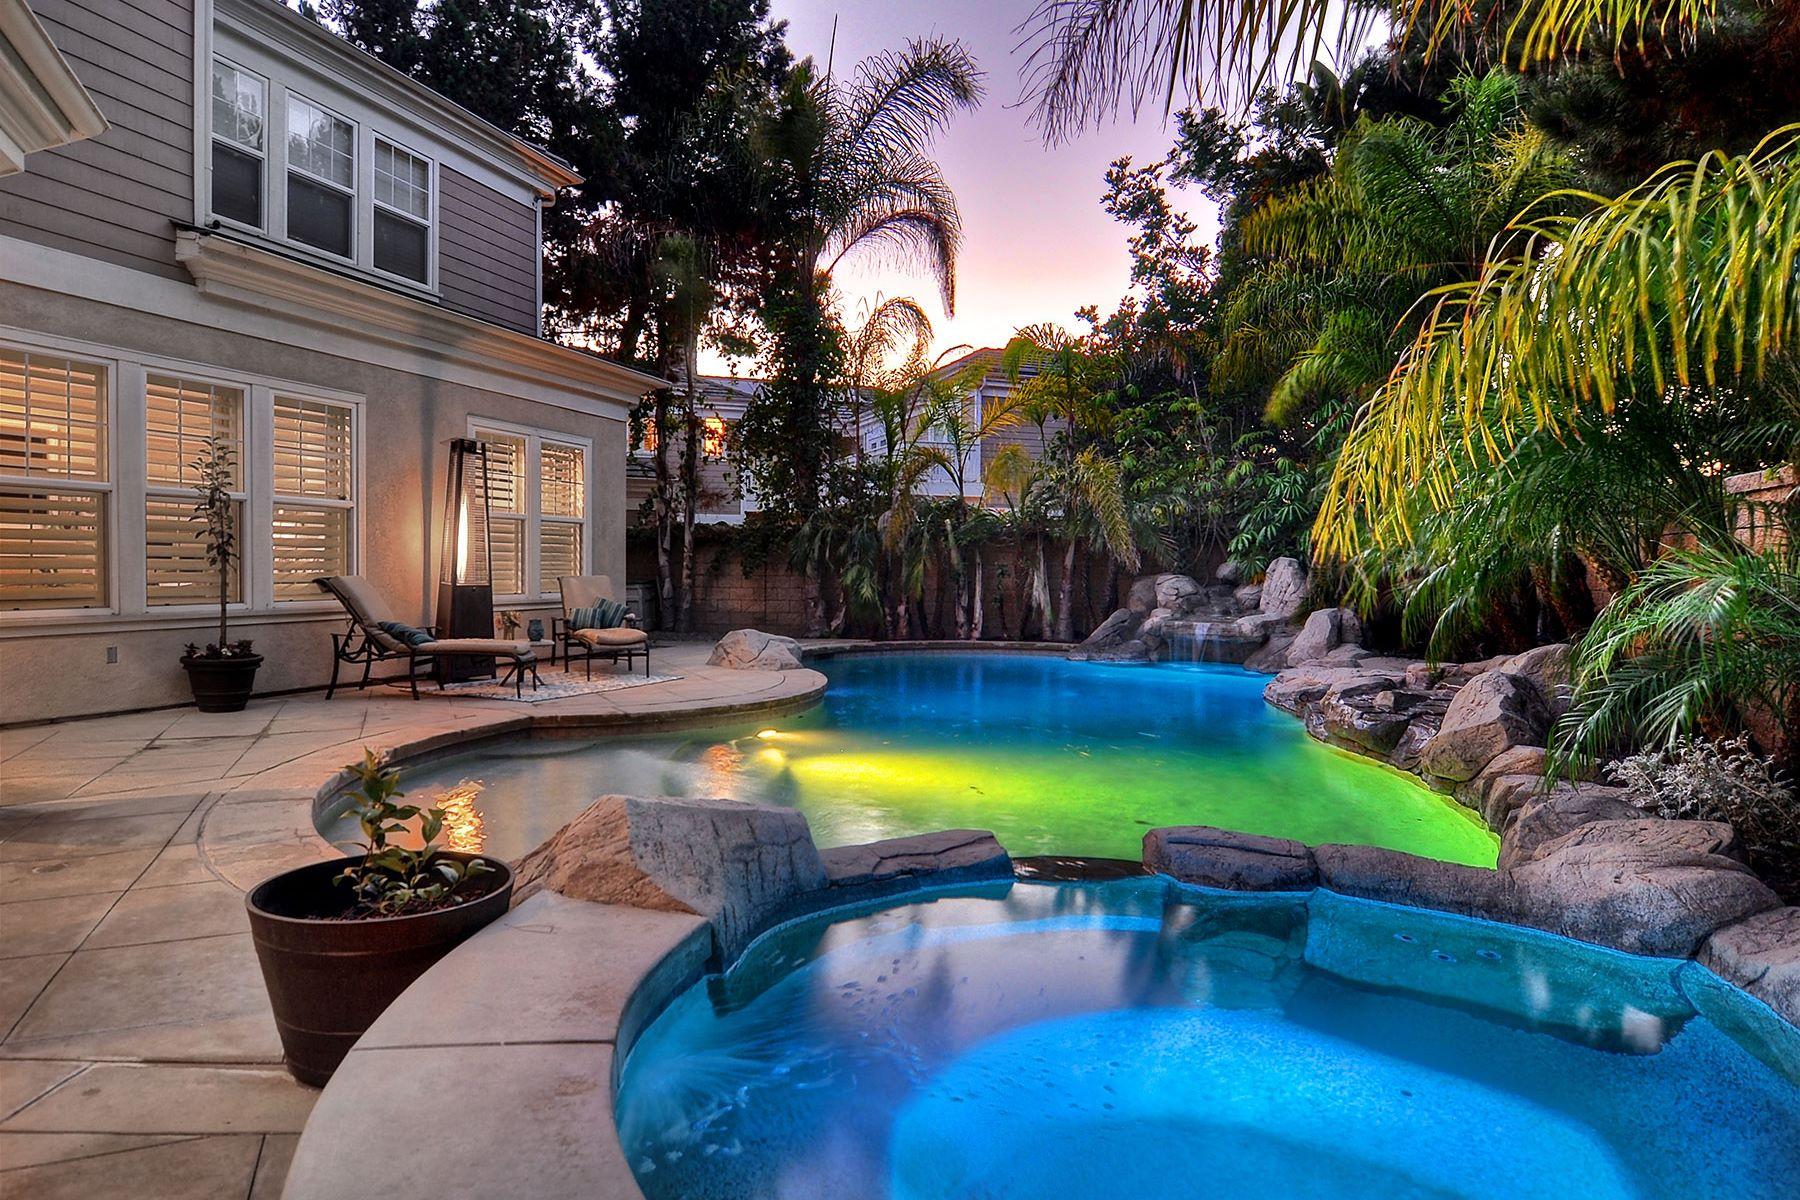 Частный односемейный дом для того Продажа на 17280 Hampton Huntington Beach, Калифорния, 92649 Соединенные Штаты